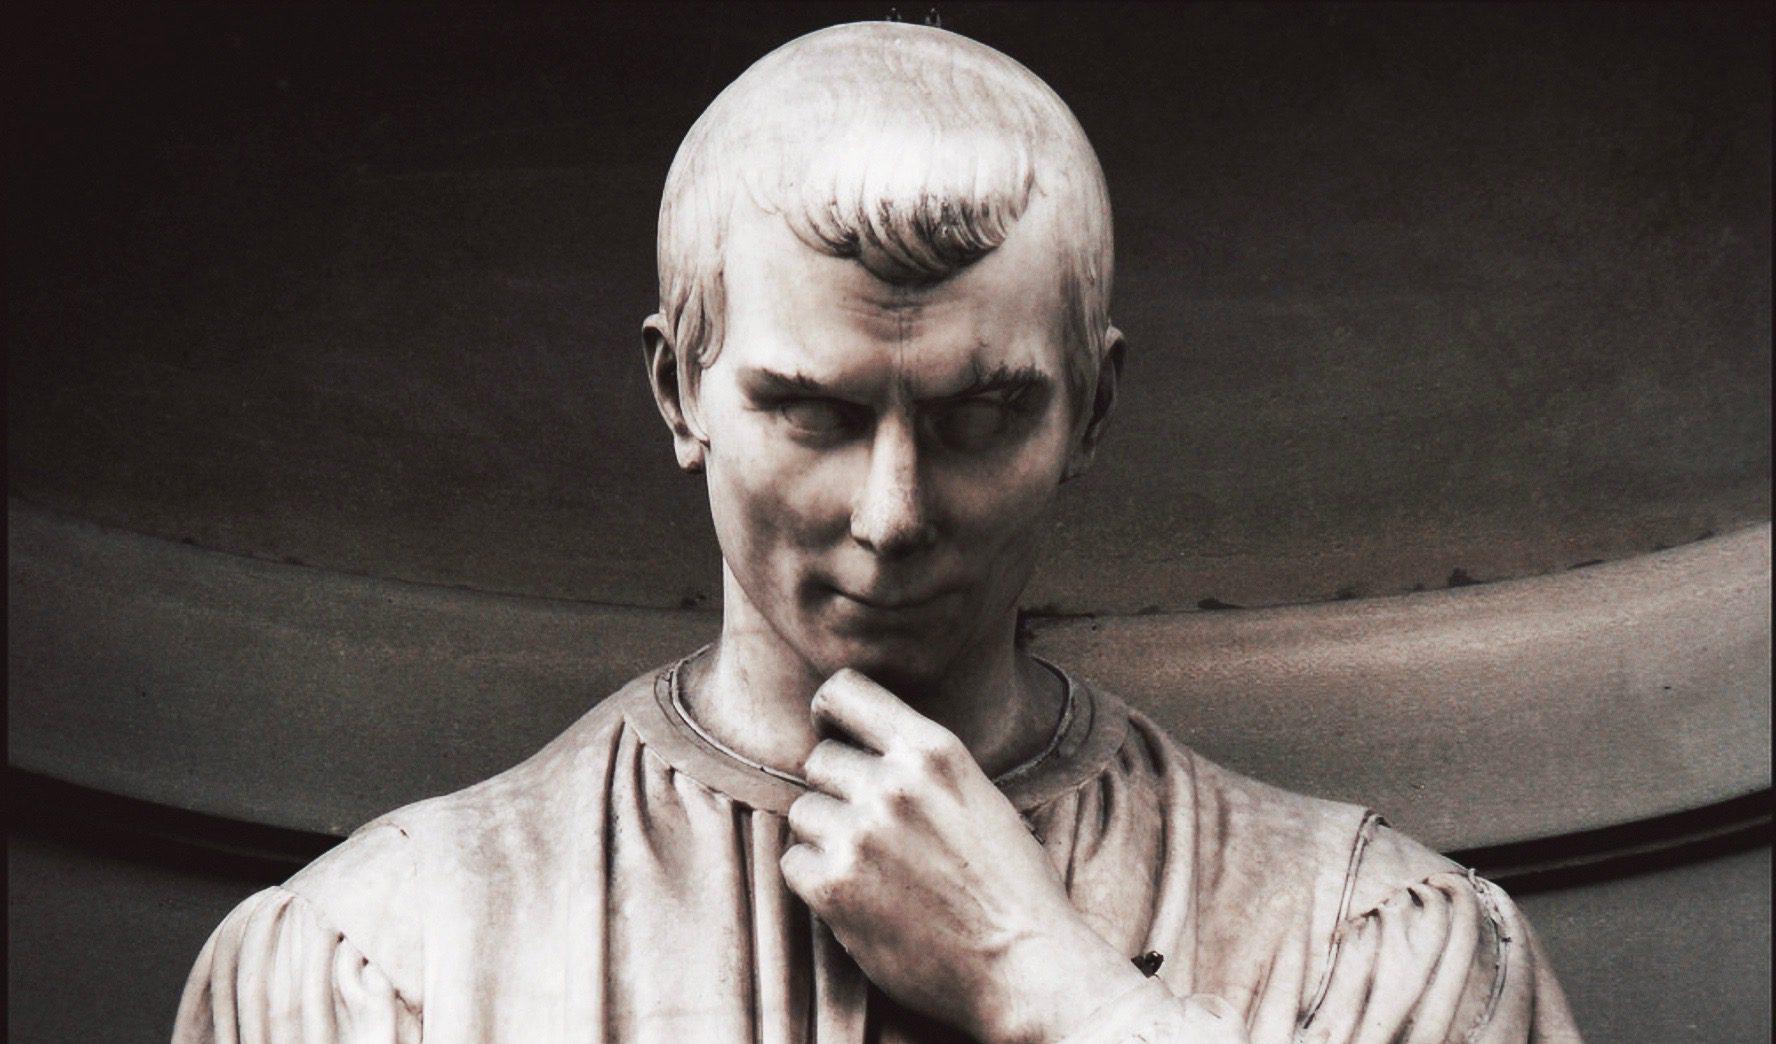 Άγαλμα του Νικολό Μακιαβέλι